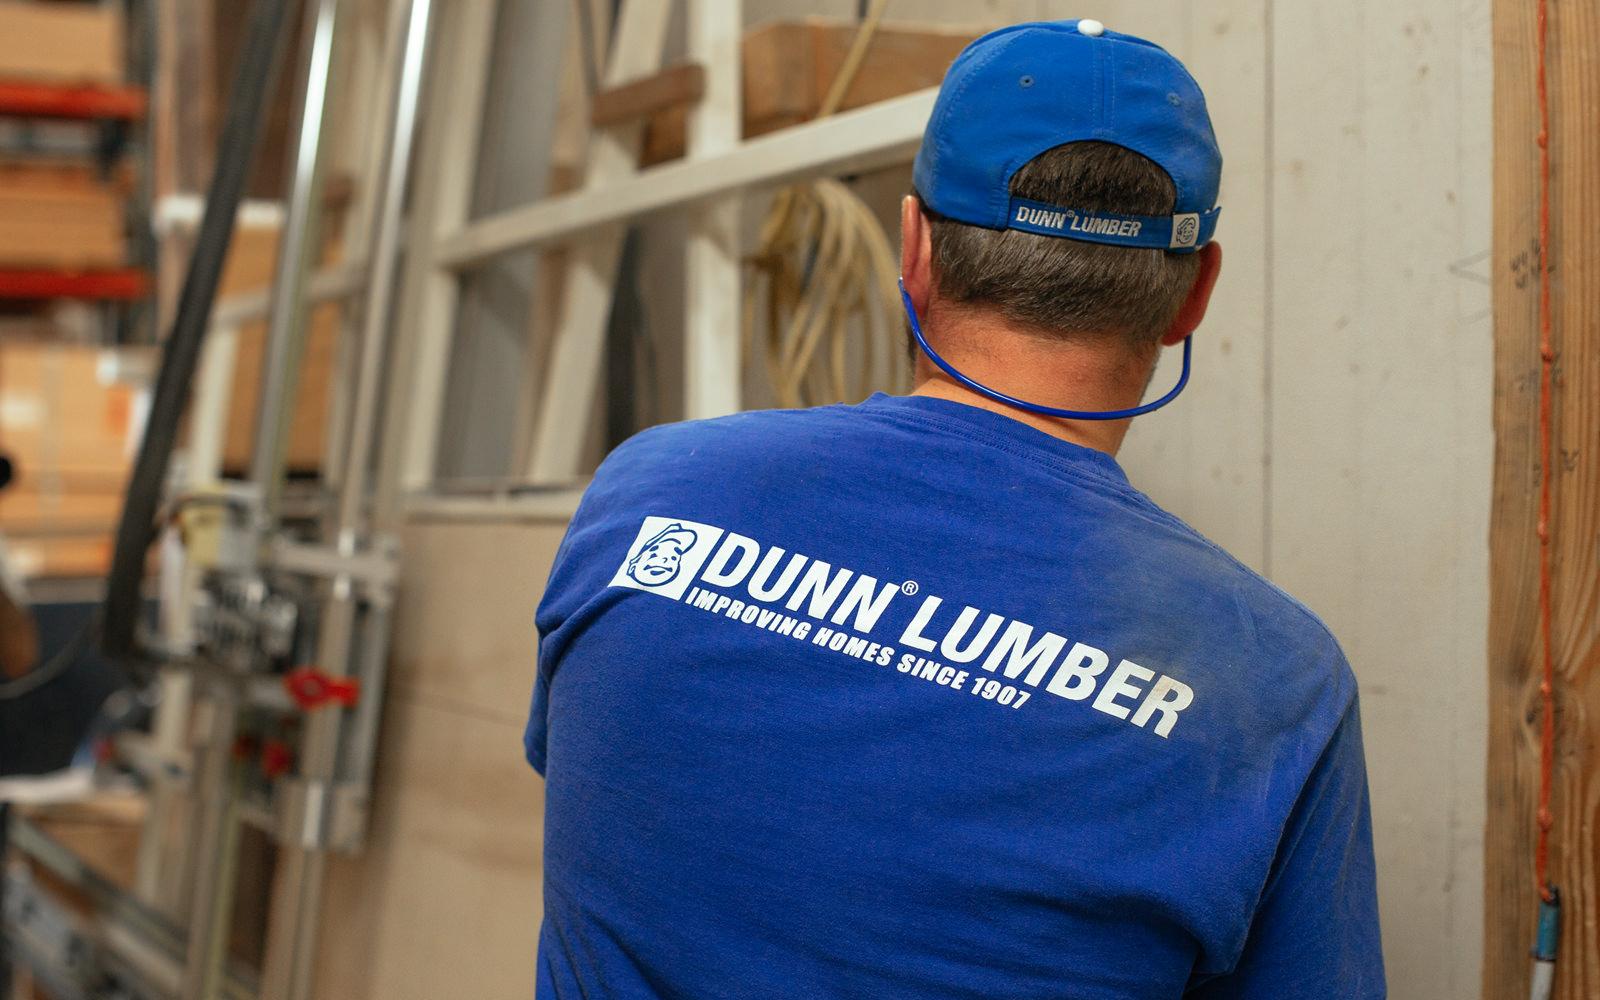 dunn lumber employee